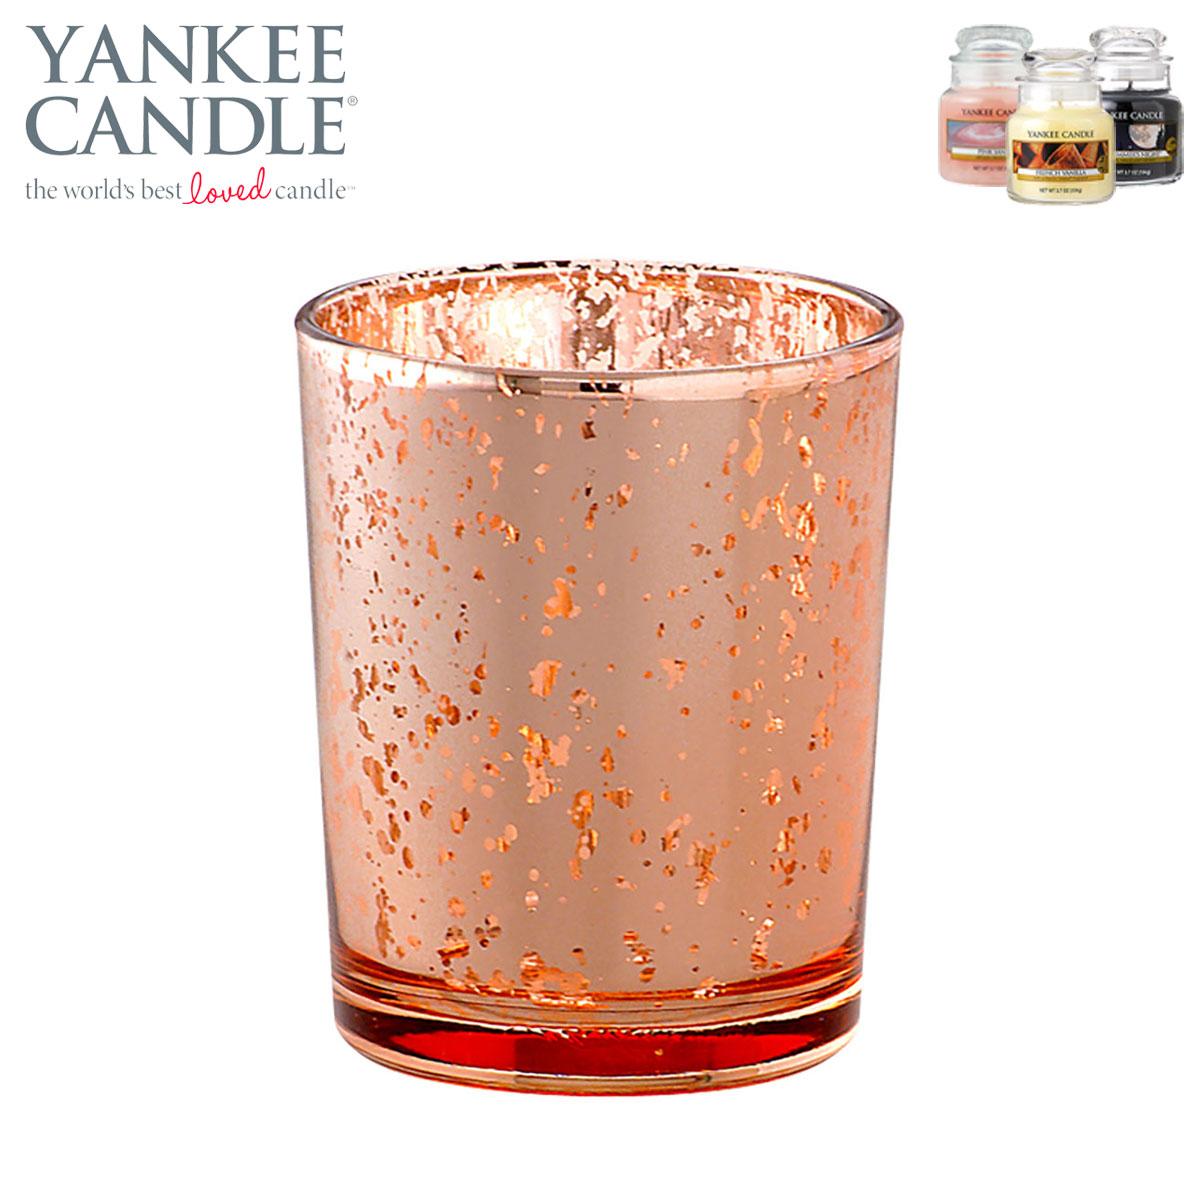 ヤンキーキャンドル YANKEE CANDLE 正規販売店 グラス ヴィンテージ(ビンテージ)グラス コパー (J5560000CP) A49B B3C C3D D0E E00F